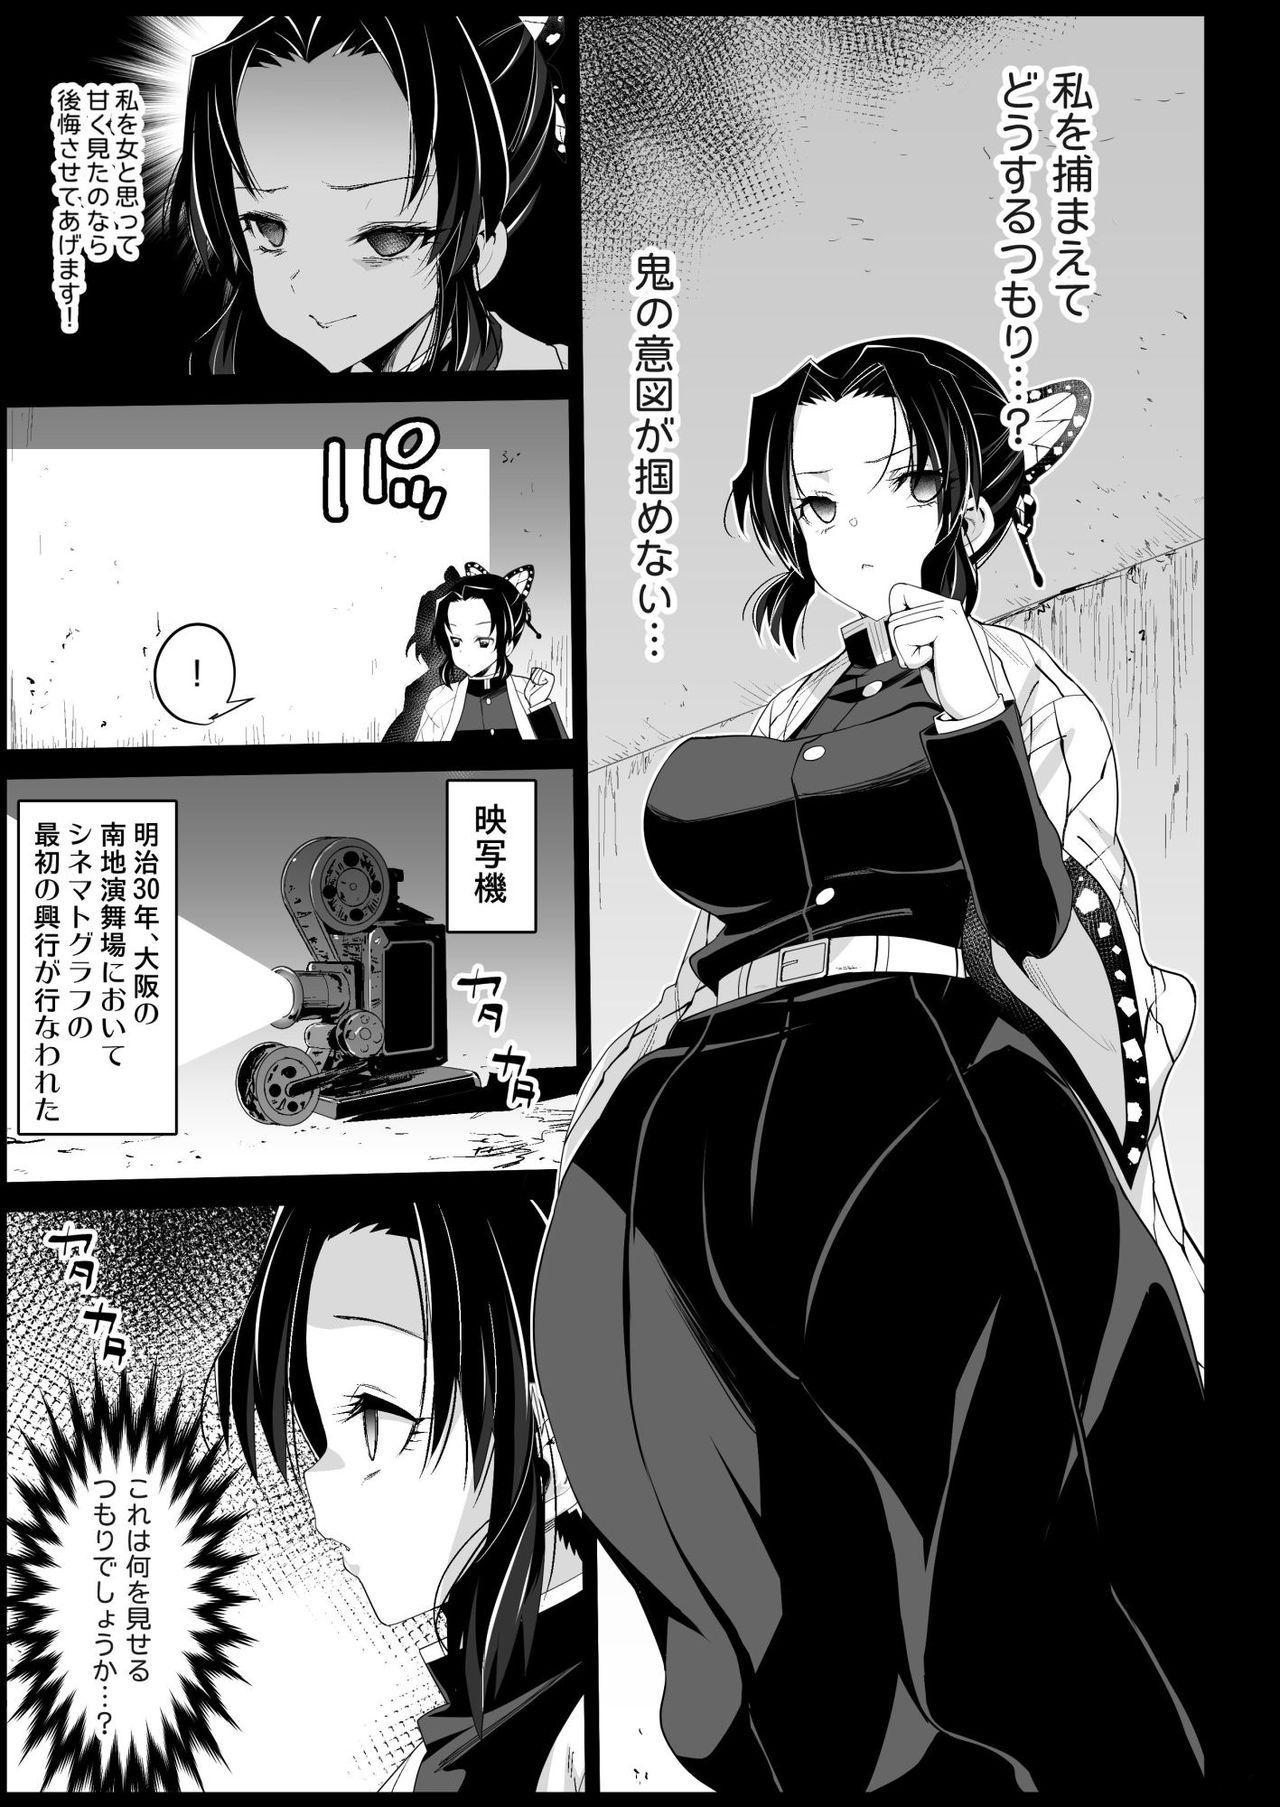 [Eromazun (Ma-kurou)] Kochou Shinobu Kan ~Neteiru Aida ni Ossan Oni ni Okasareru~ - RAPE OF DEMON SLAYER 2 (Kimetsu no Yaiba) 6